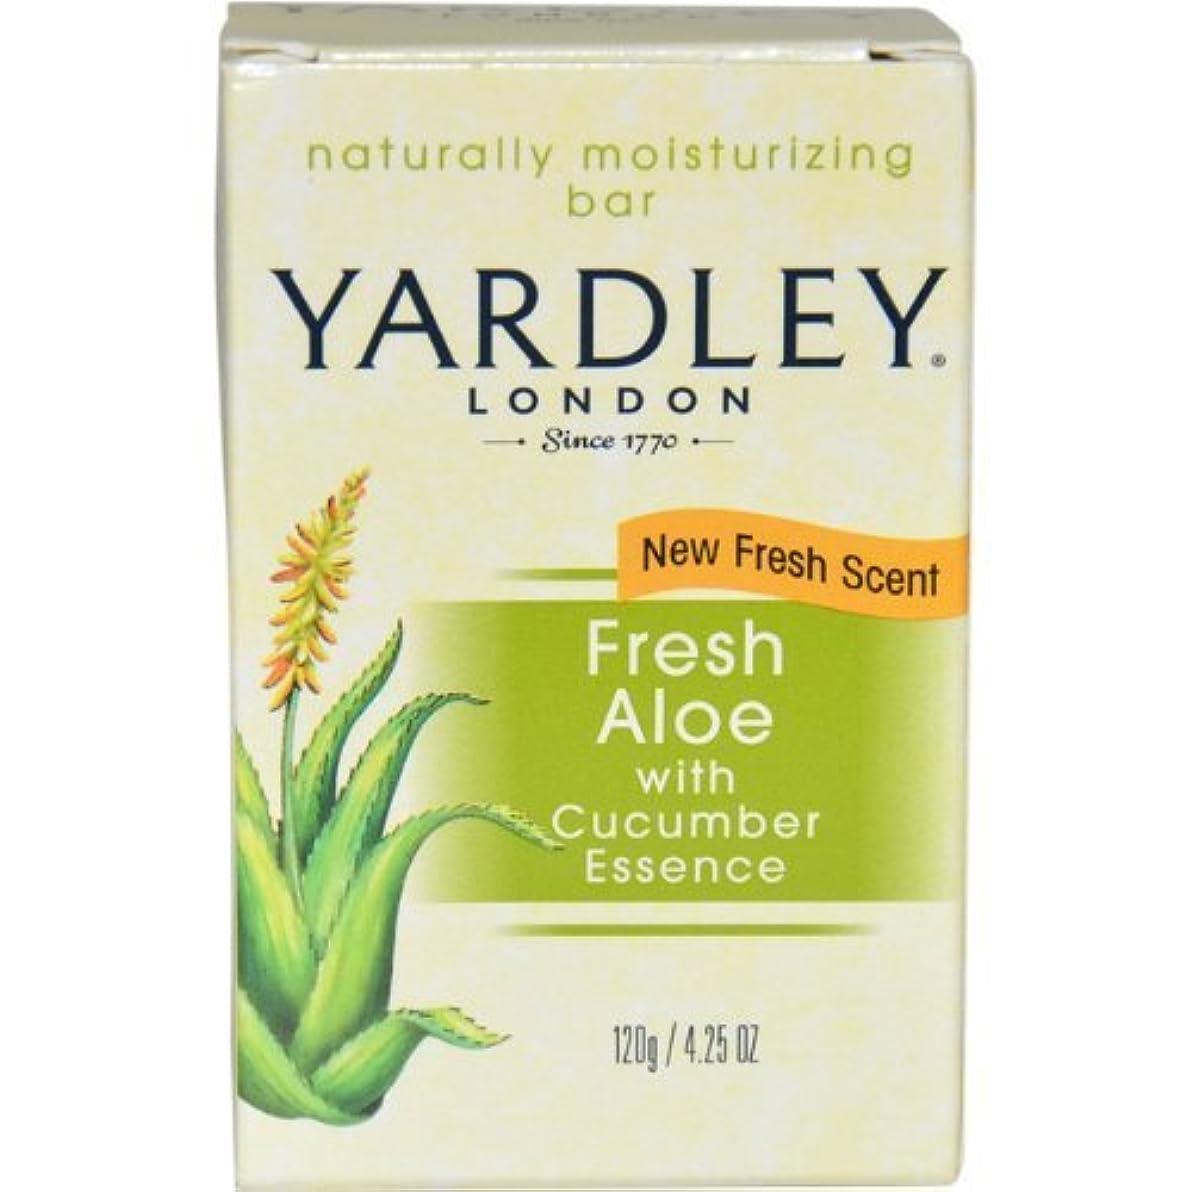 ライド表面的な耐えるFresh Aloe with Cucumber Essence Bar Soap Soap Unisex by Yardley, 4.25 Ounce (Packaging May Vary) by Yardley [...